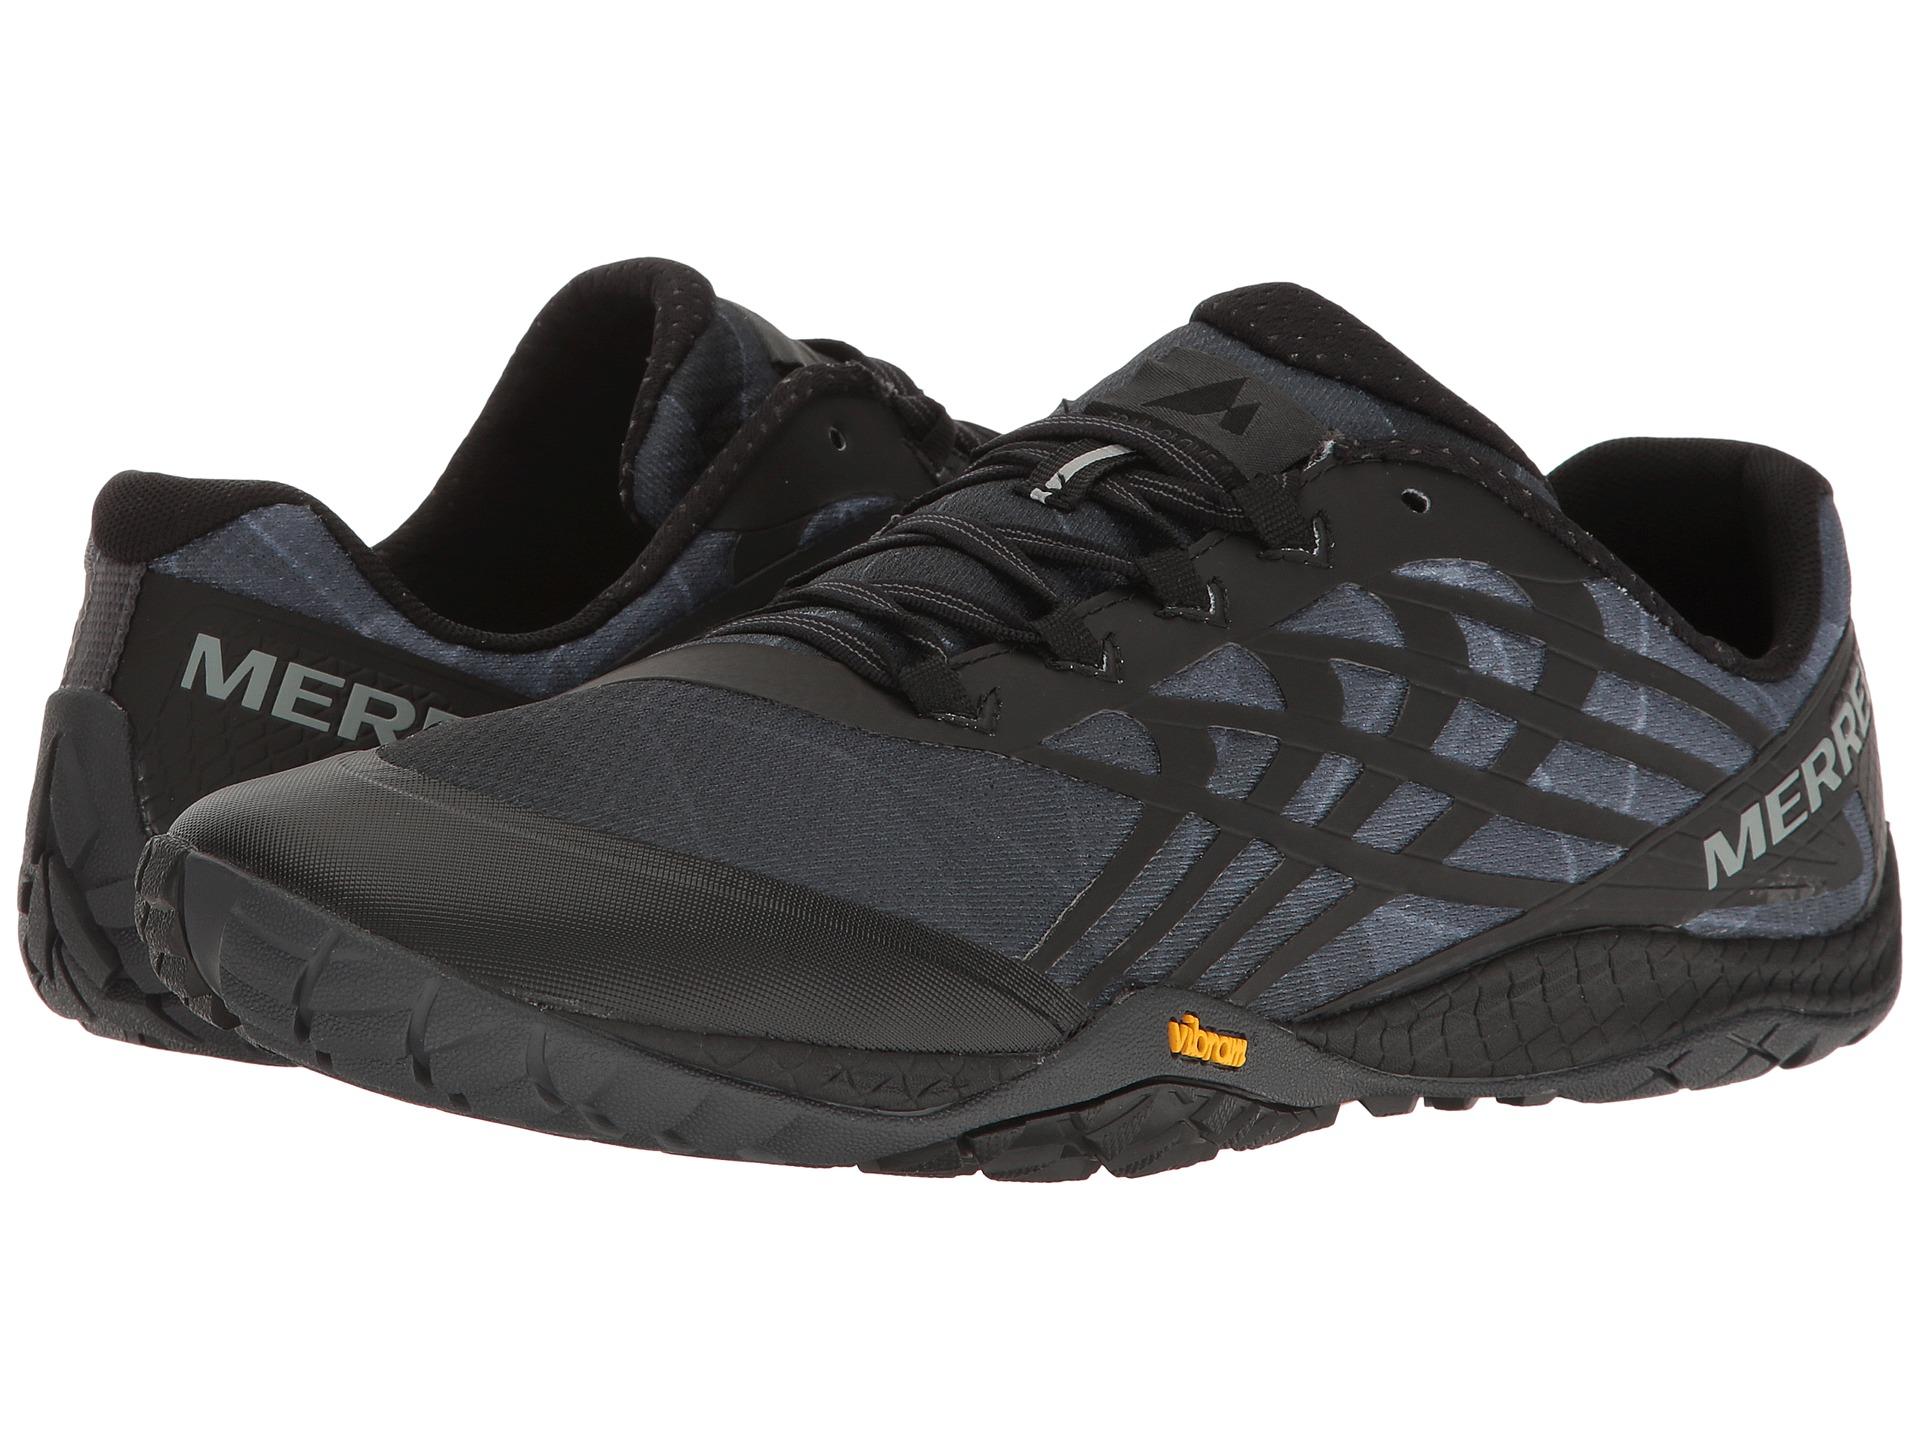 Merrell Black Slip On Shoes